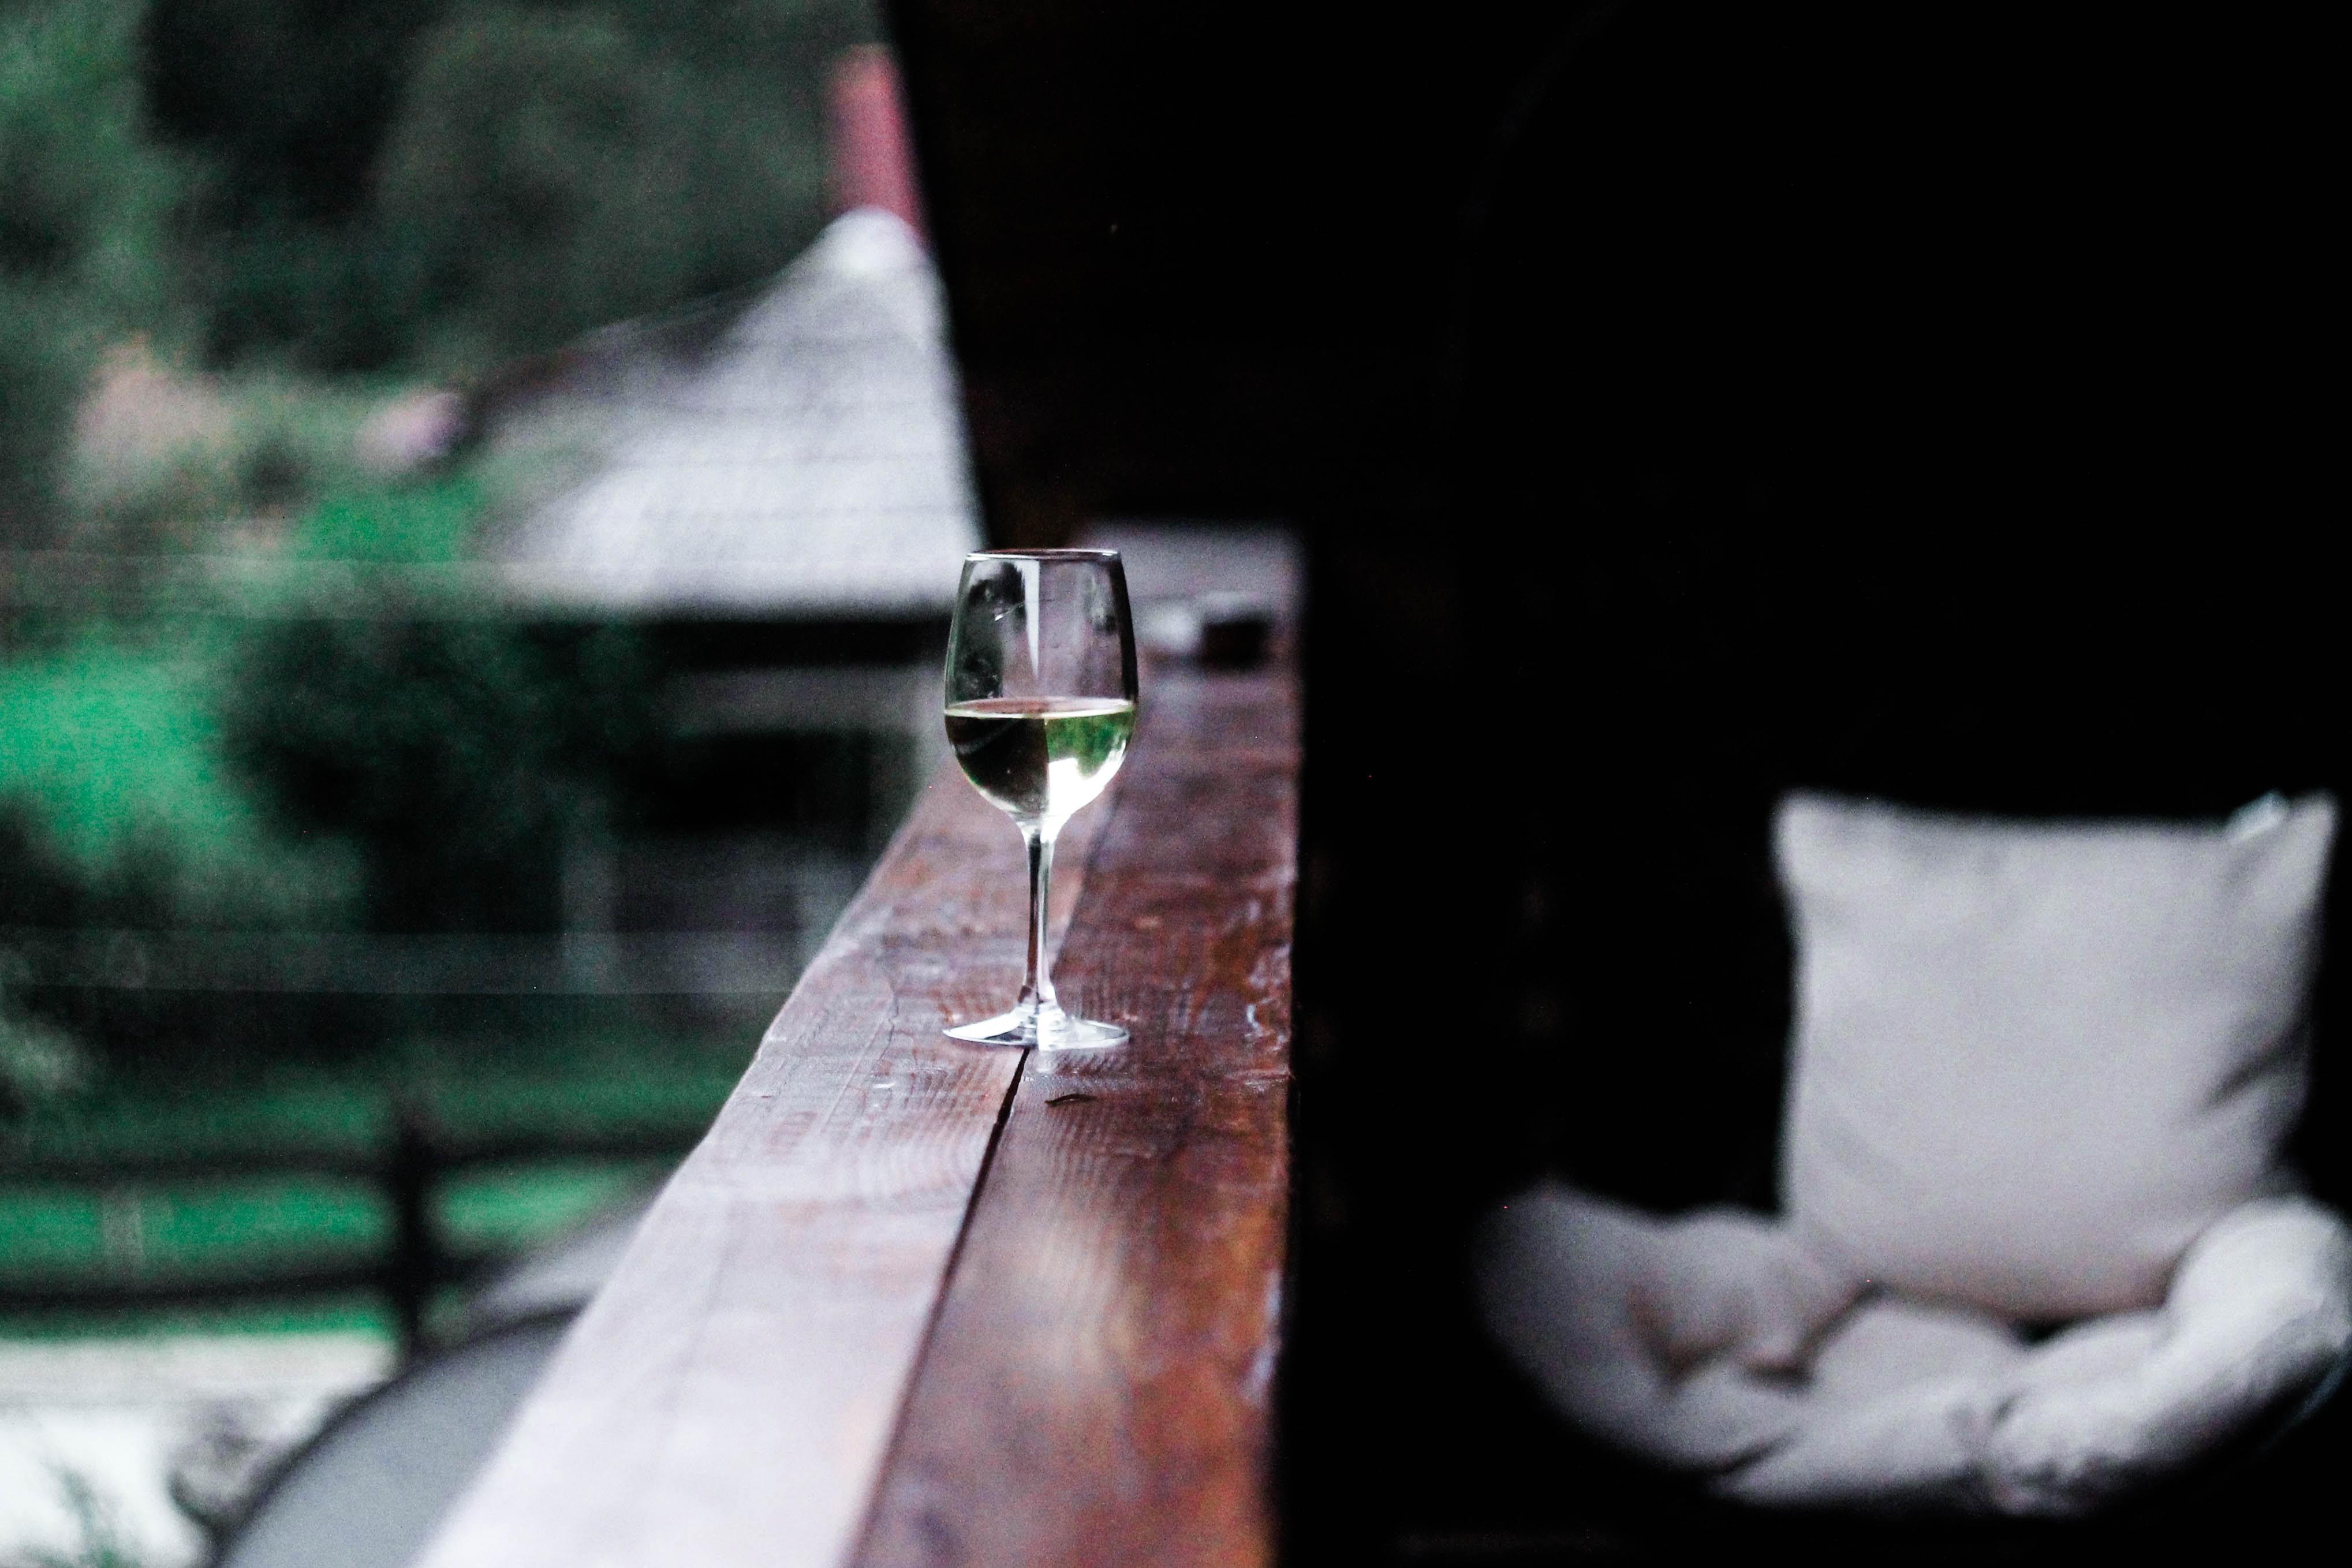 wine glass on wooden terrace rail